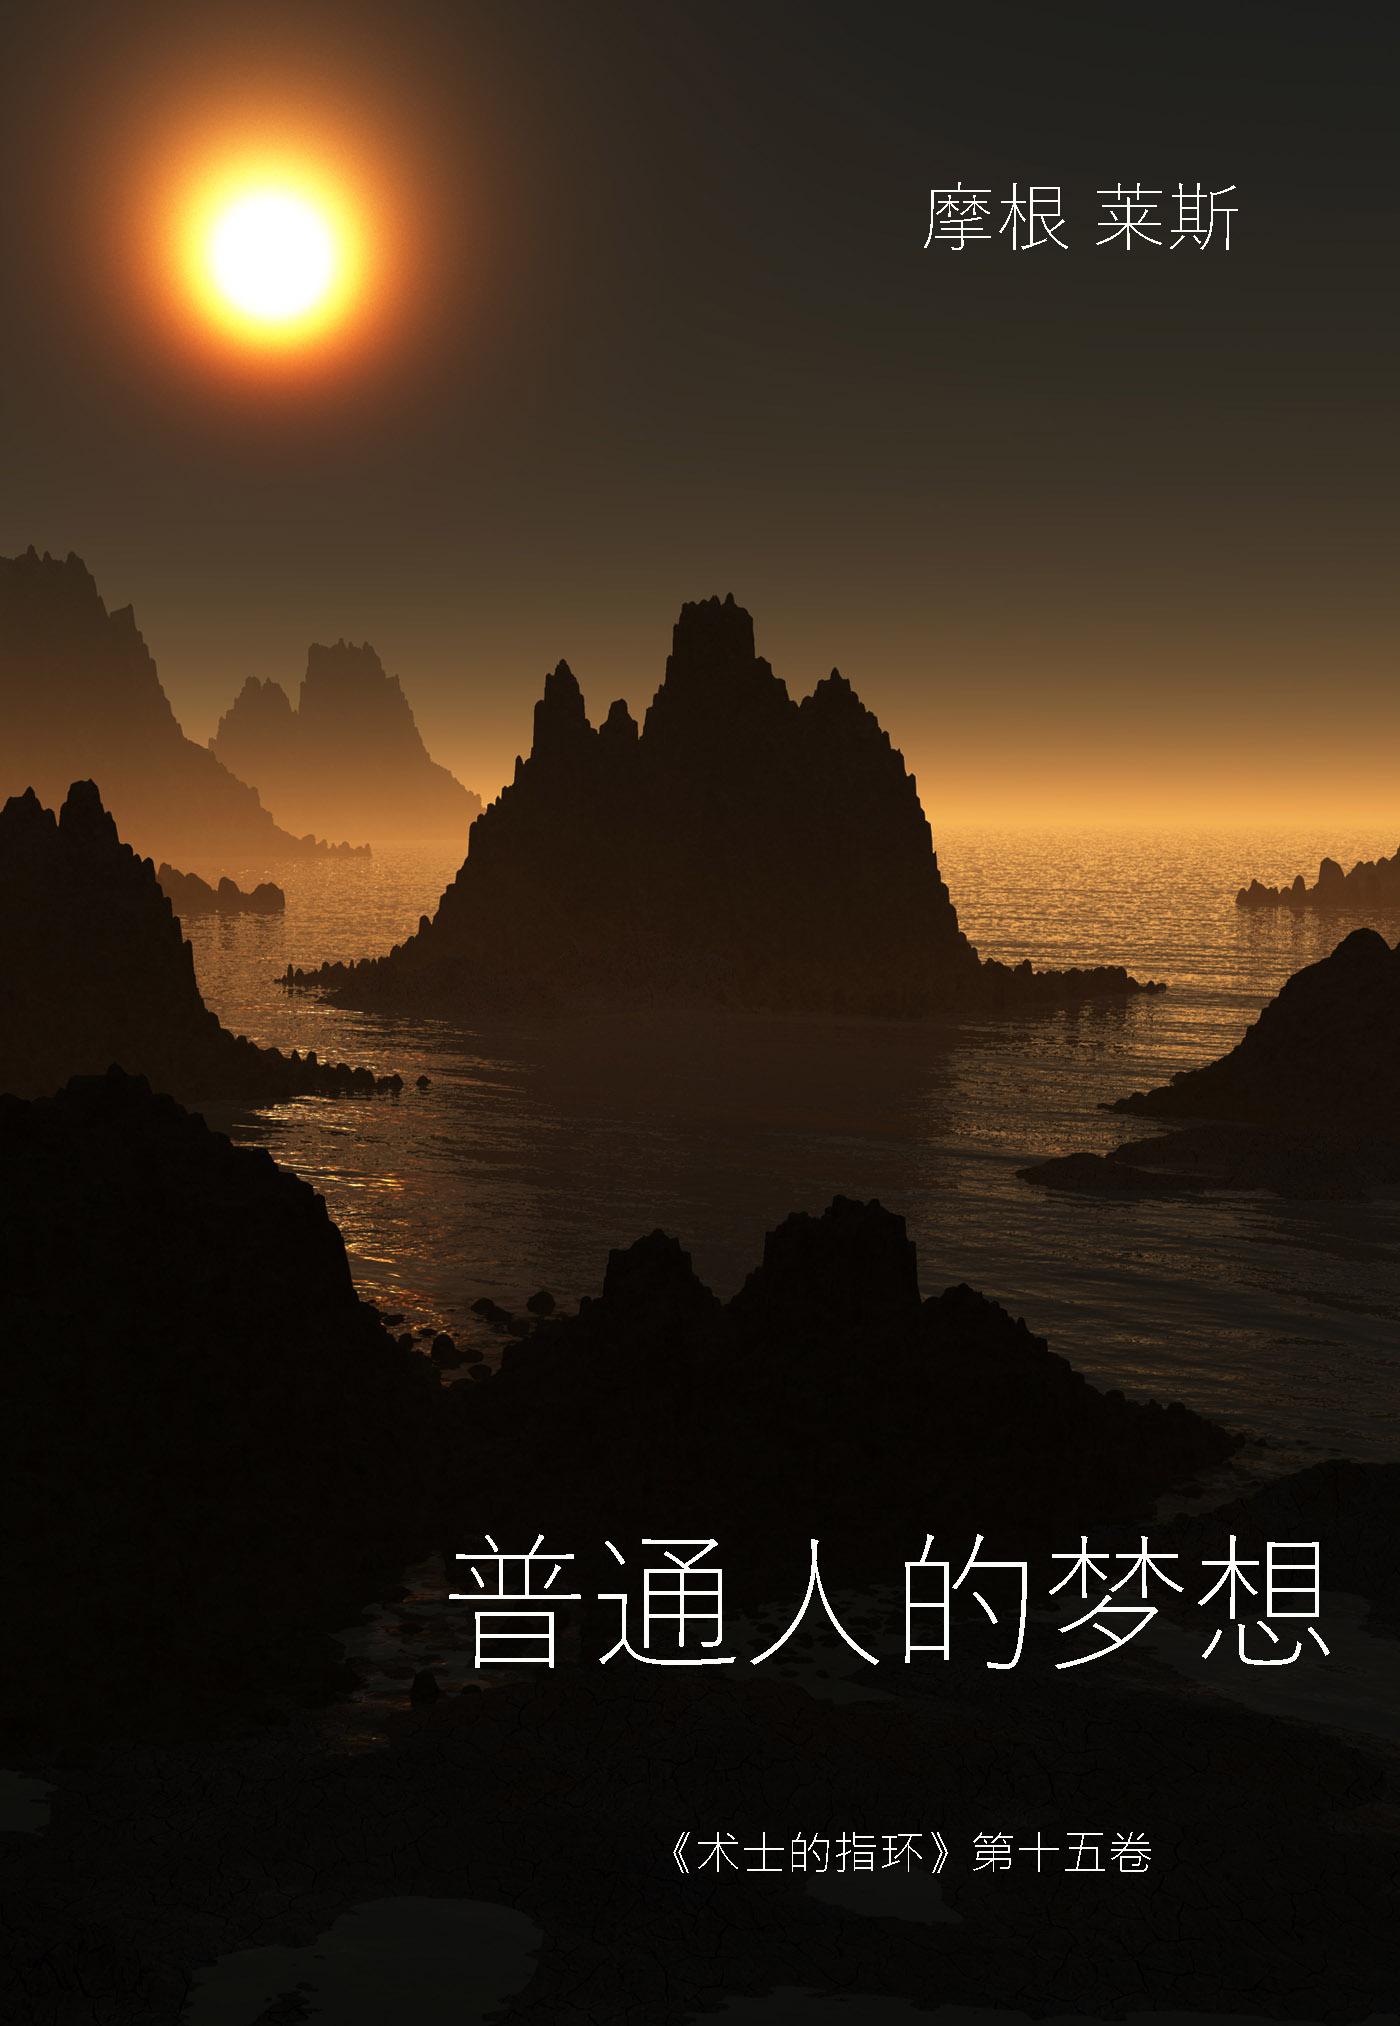 Морган Райс 普通人的梦想 政治学与行政学系列教材:中国近现代政治思想史